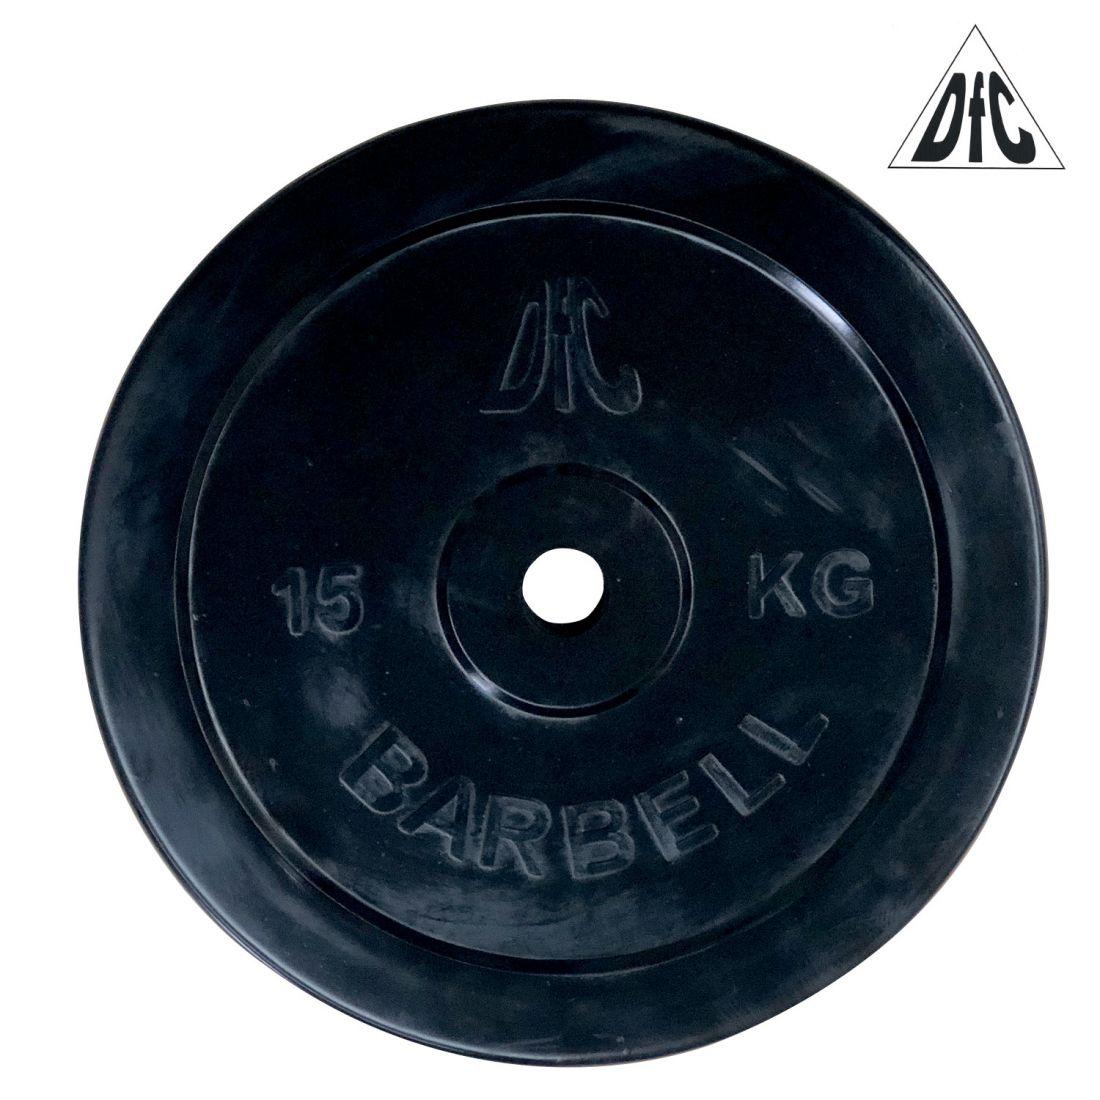 Диск обрезиненный DFC, чёрный, 26 мм, 15кг